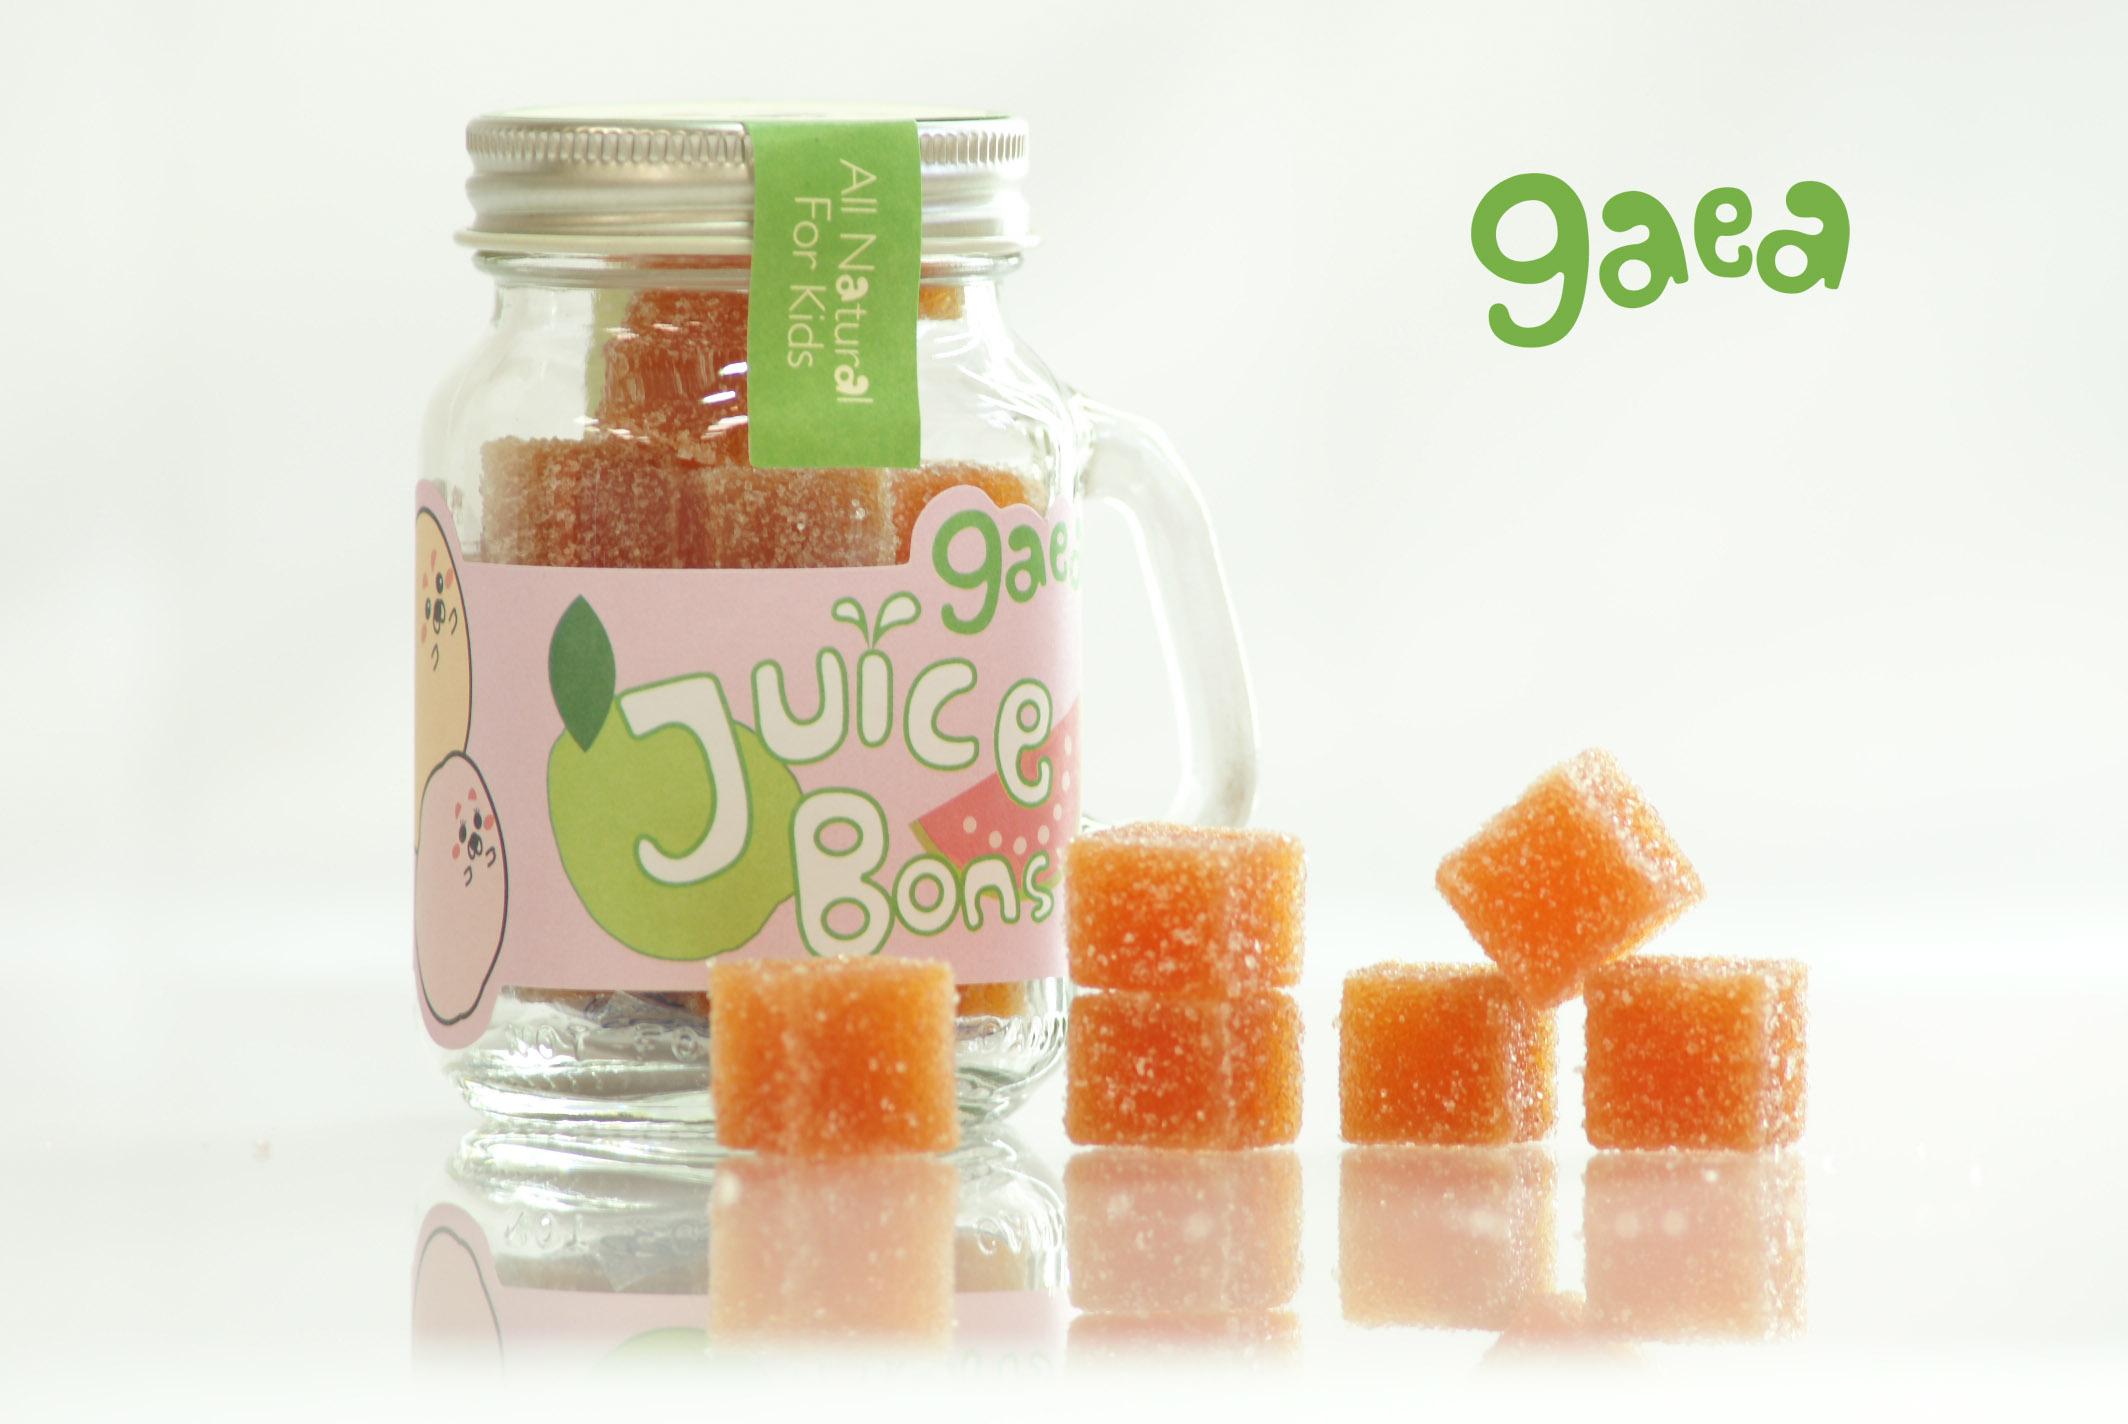 吉芽水果軟糖-紅心芭樂 + 天然 + 零食